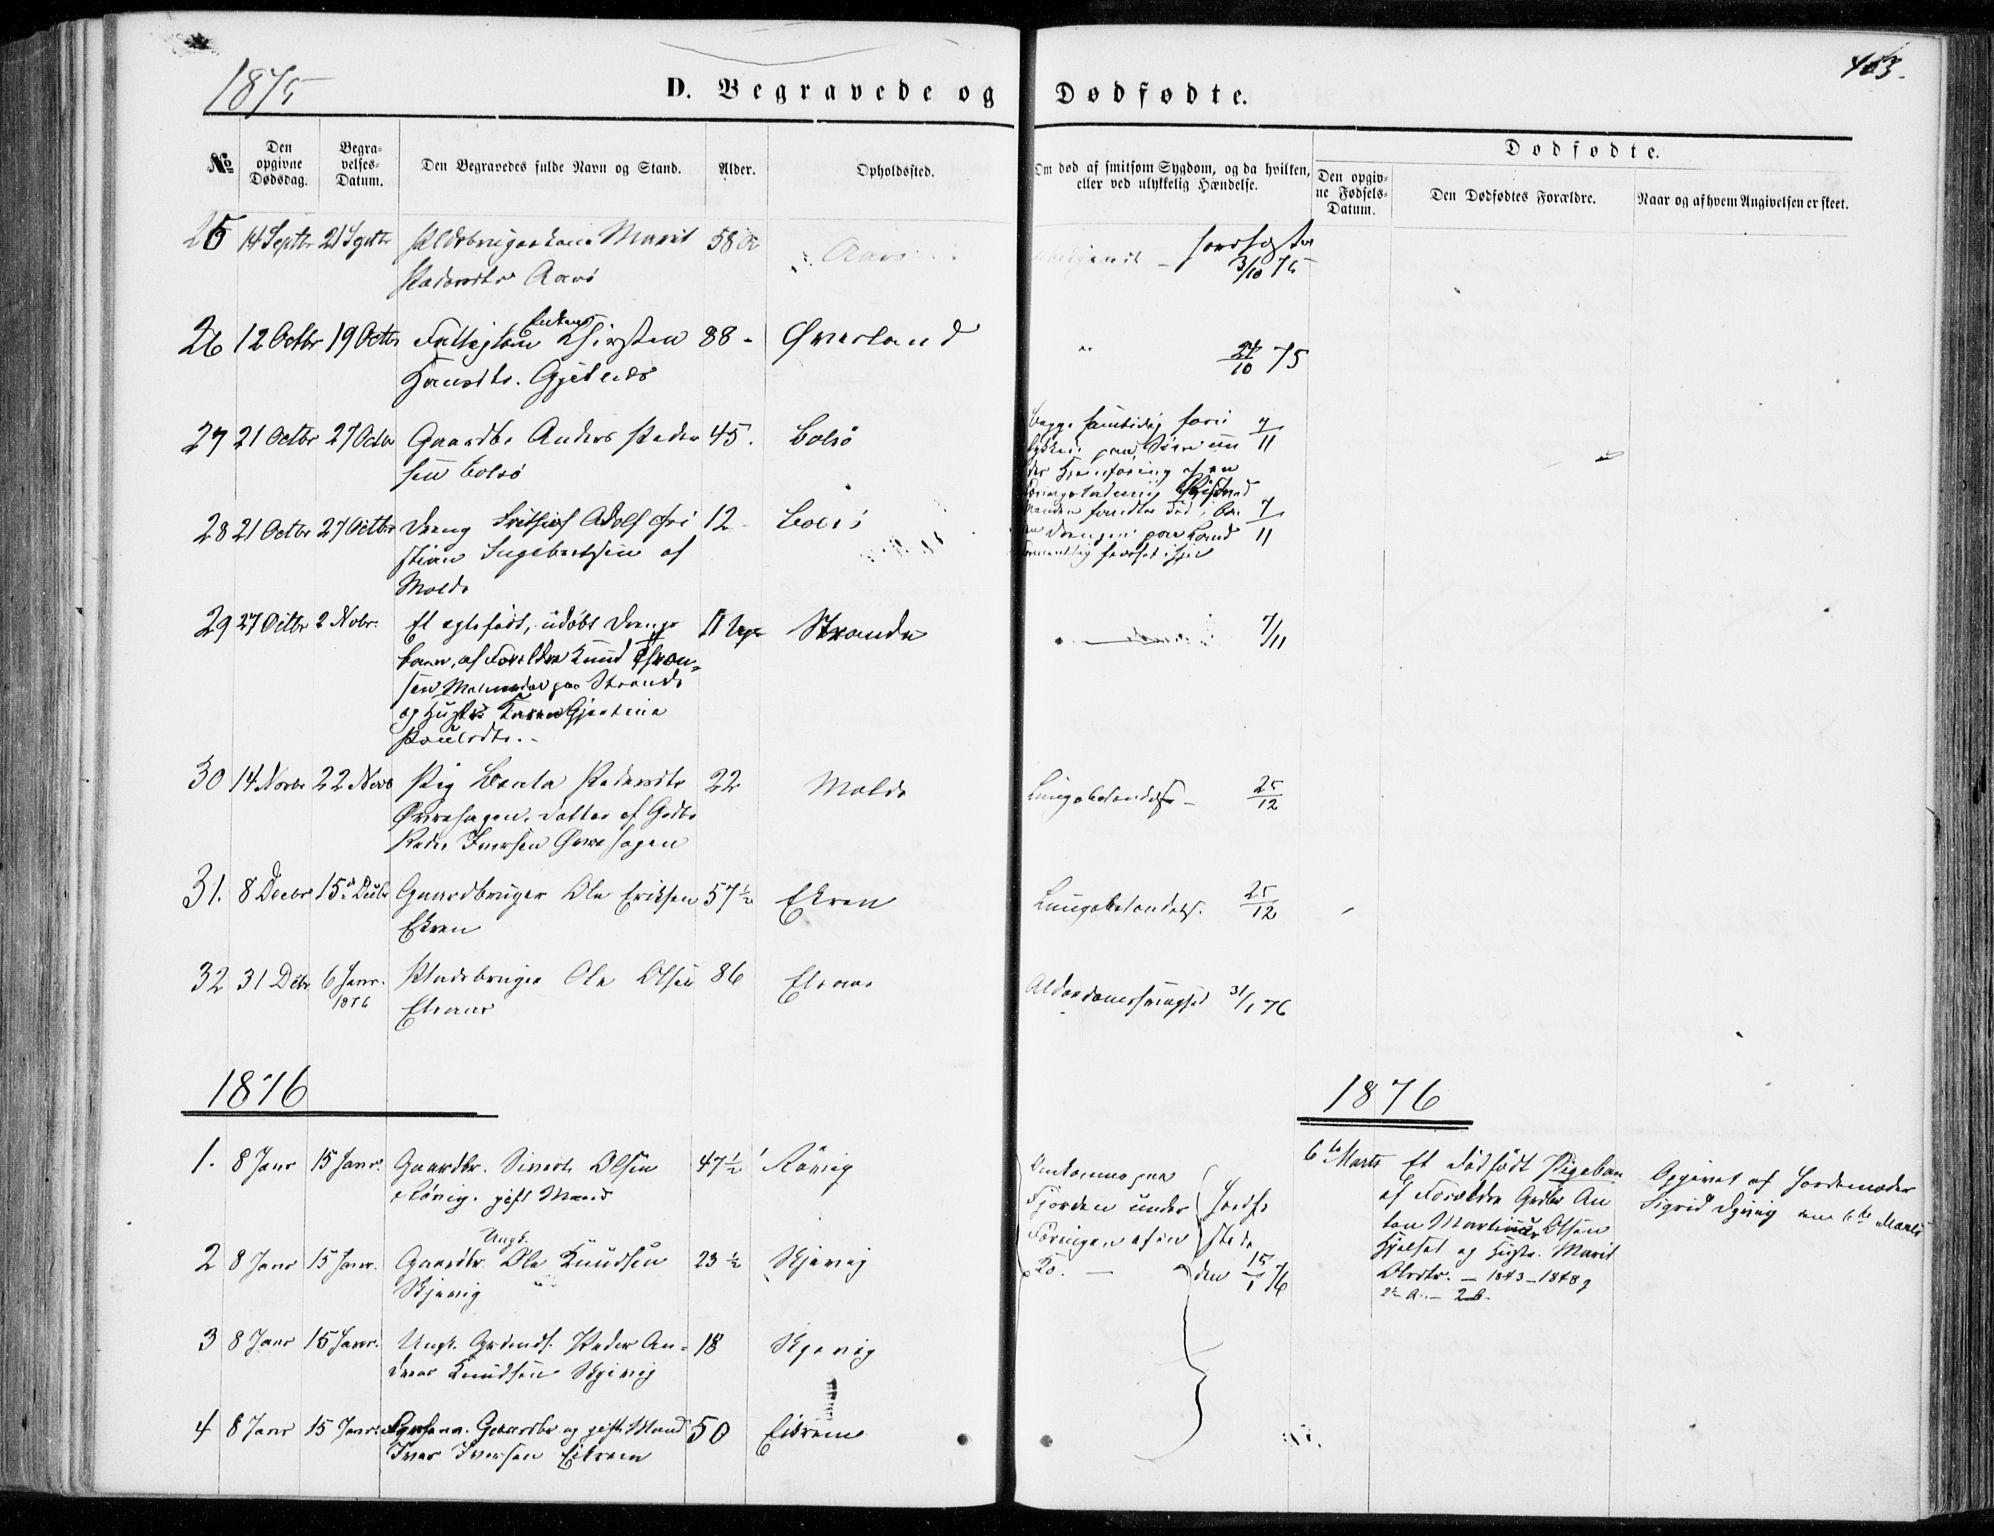 SAT, Ministerialprotokoller, klokkerbøker og fødselsregistre - Møre og Romsdal, 555/L0655: Ministerialbok nr. 555A05, 1869-1886, s. 403